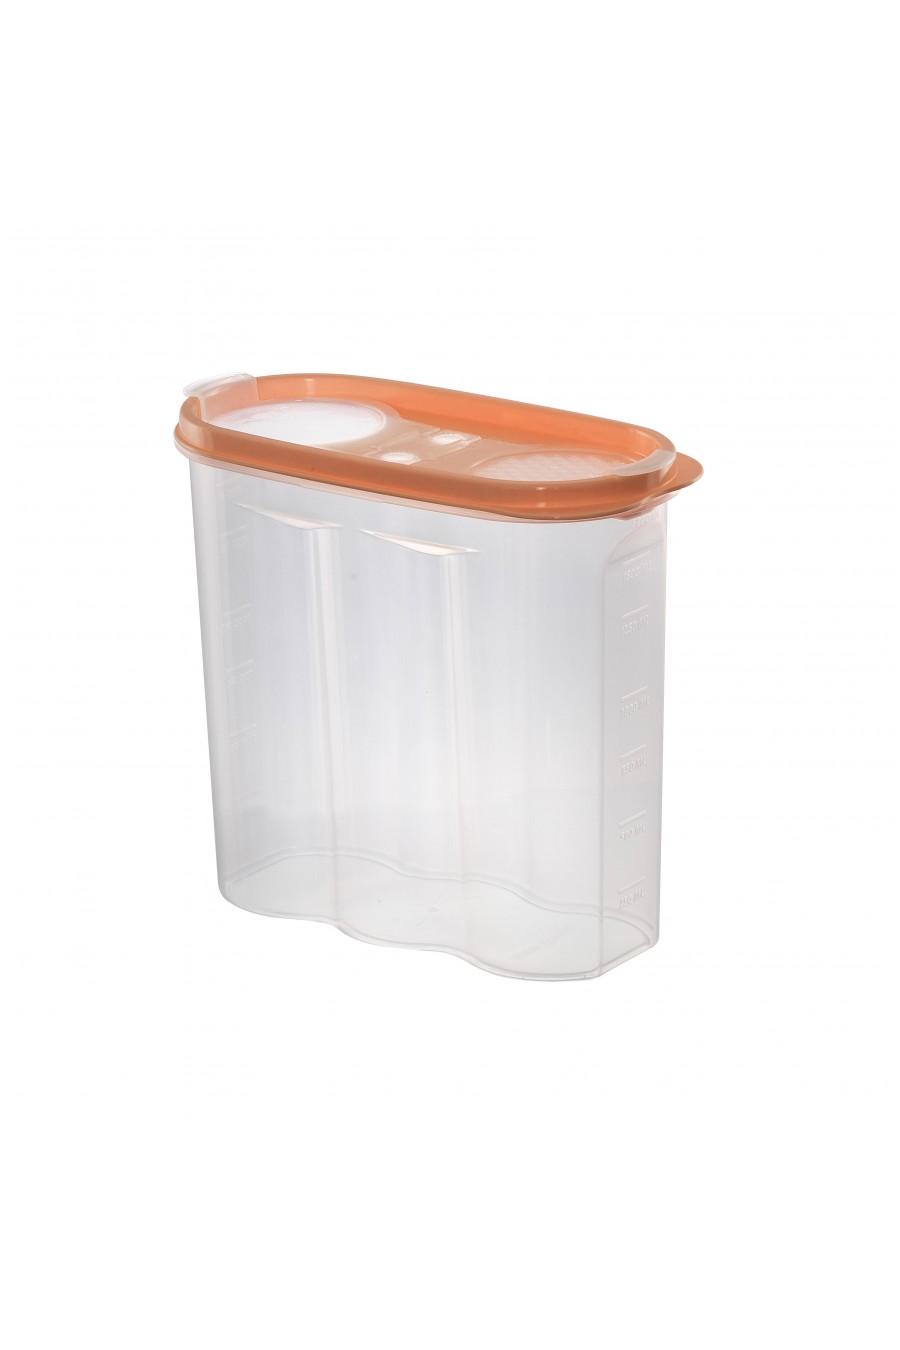 PlastArt Dikey Erzak Kabı | 1.7 lt